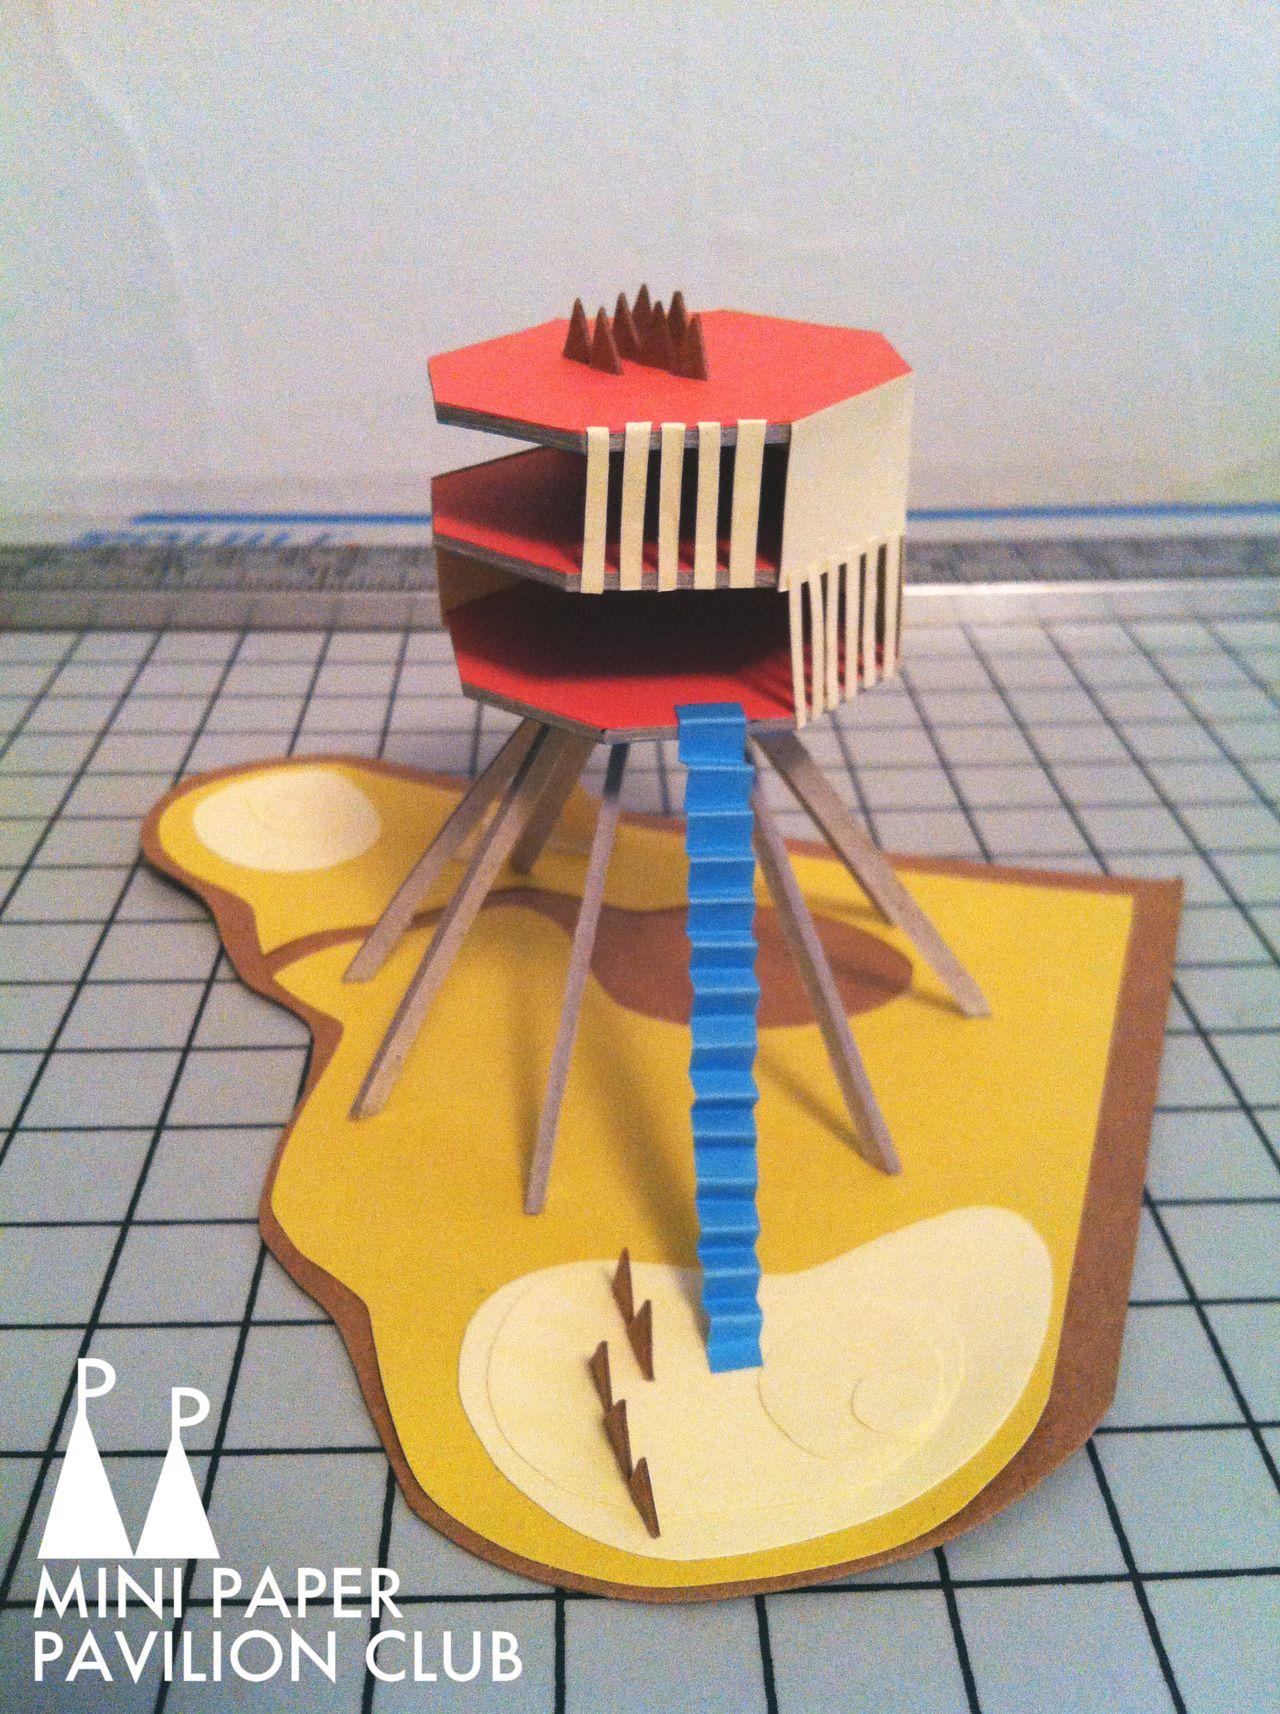 model / paper / architecture / pavilion / miniature ... - photo#20